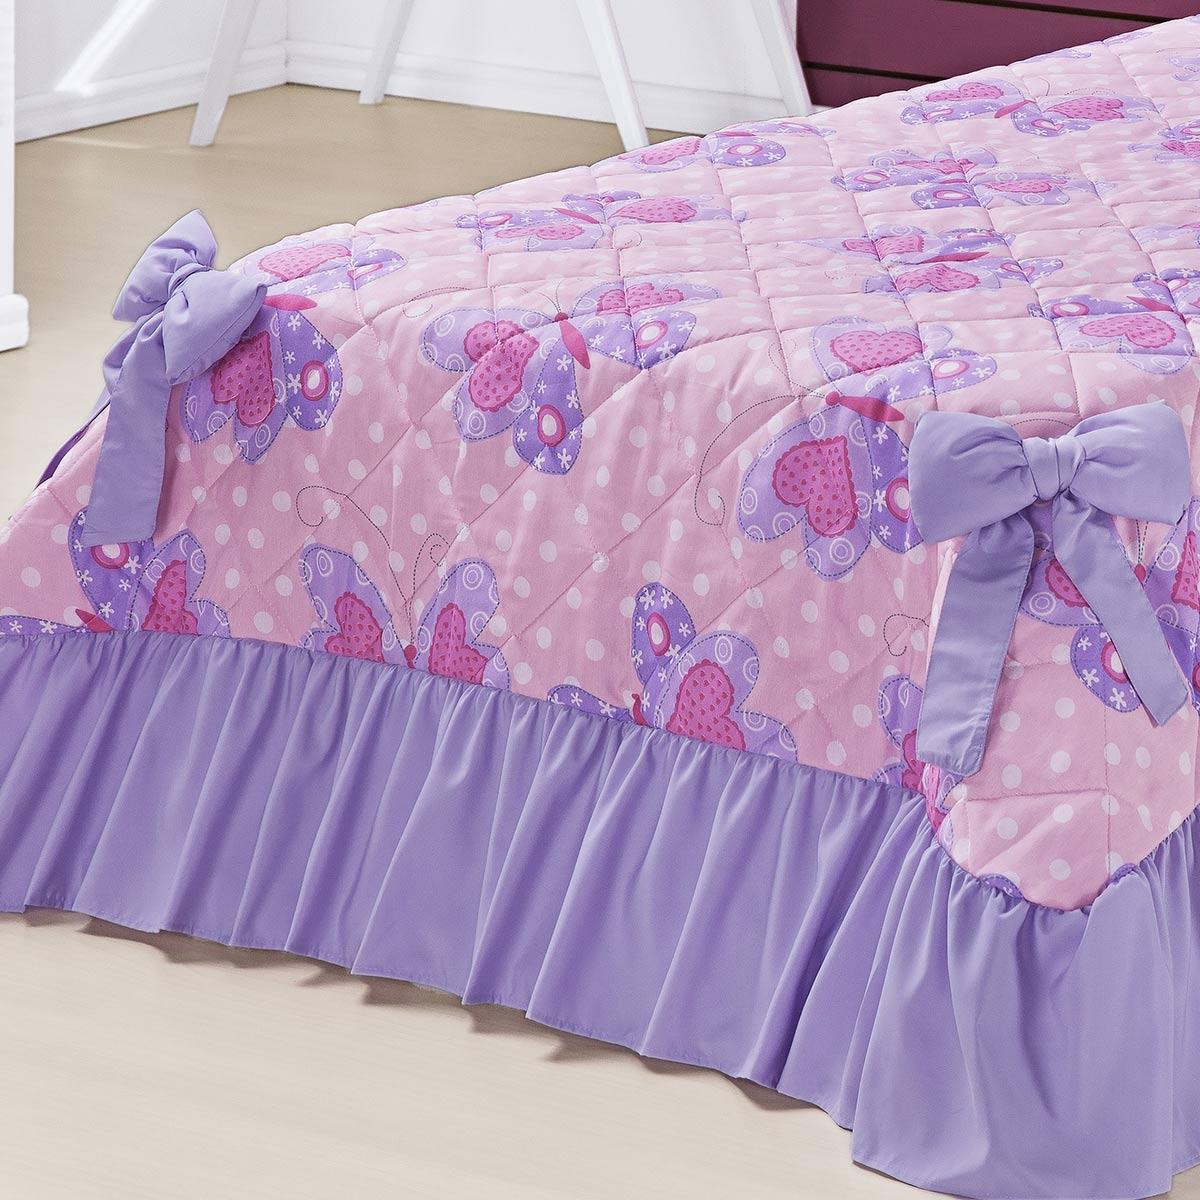 Kit Cobre Leito Meninas (Cobre Leito + Porta Travesseiro) Solteiro Laila Borboletas Rosa Estampa Borboletas com 6 peças